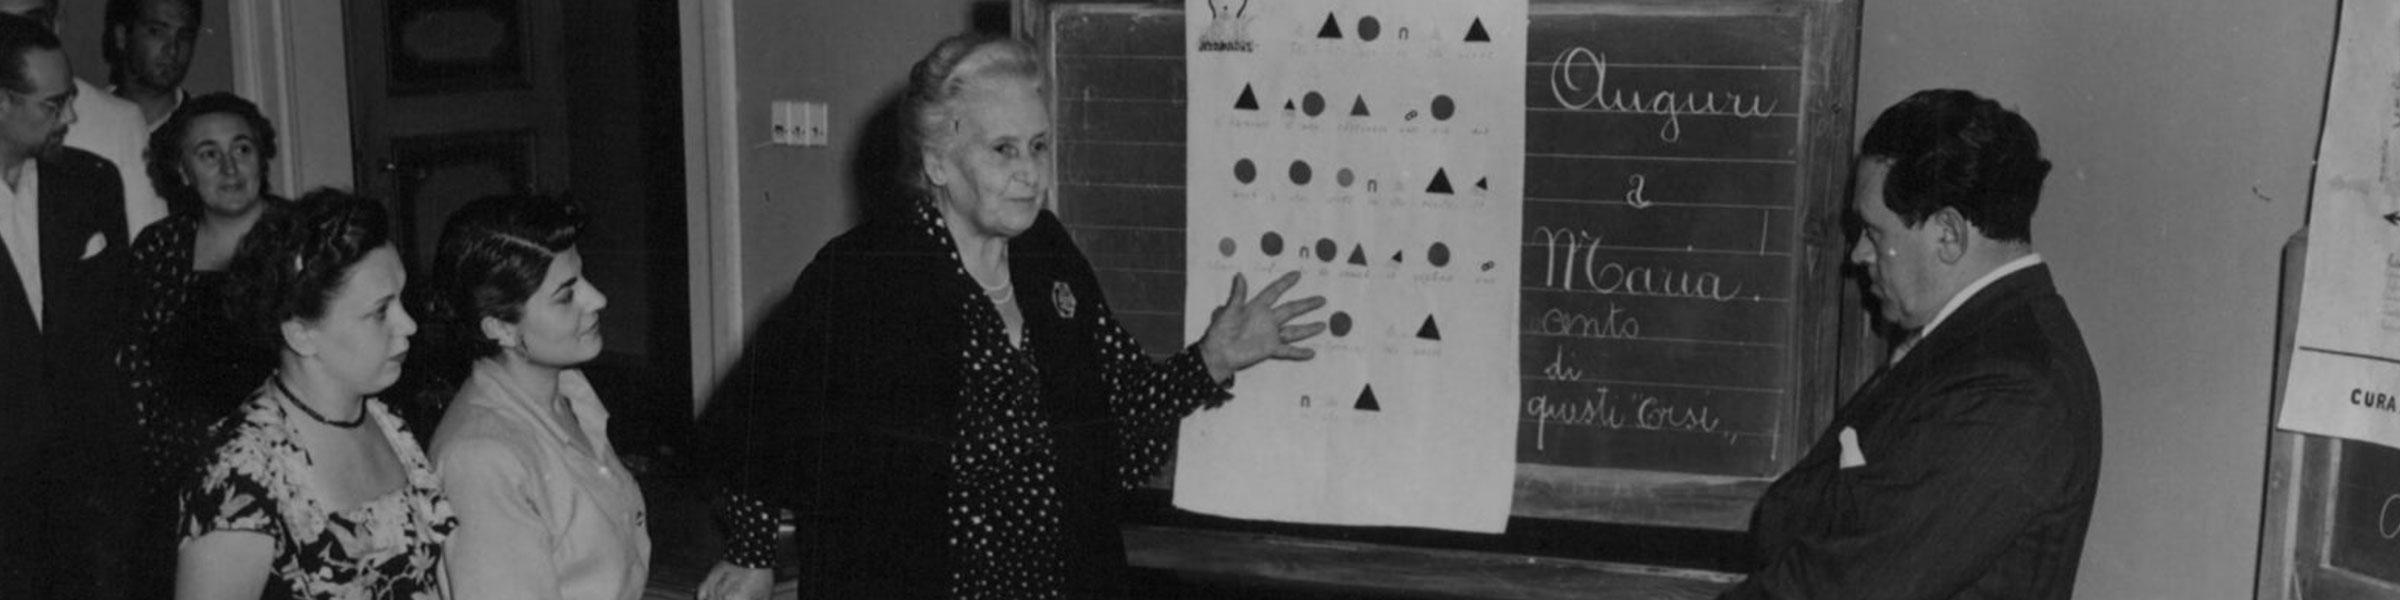 Maria and Mario Montessori discussing grammar symbols at the 1950 Perugia training course